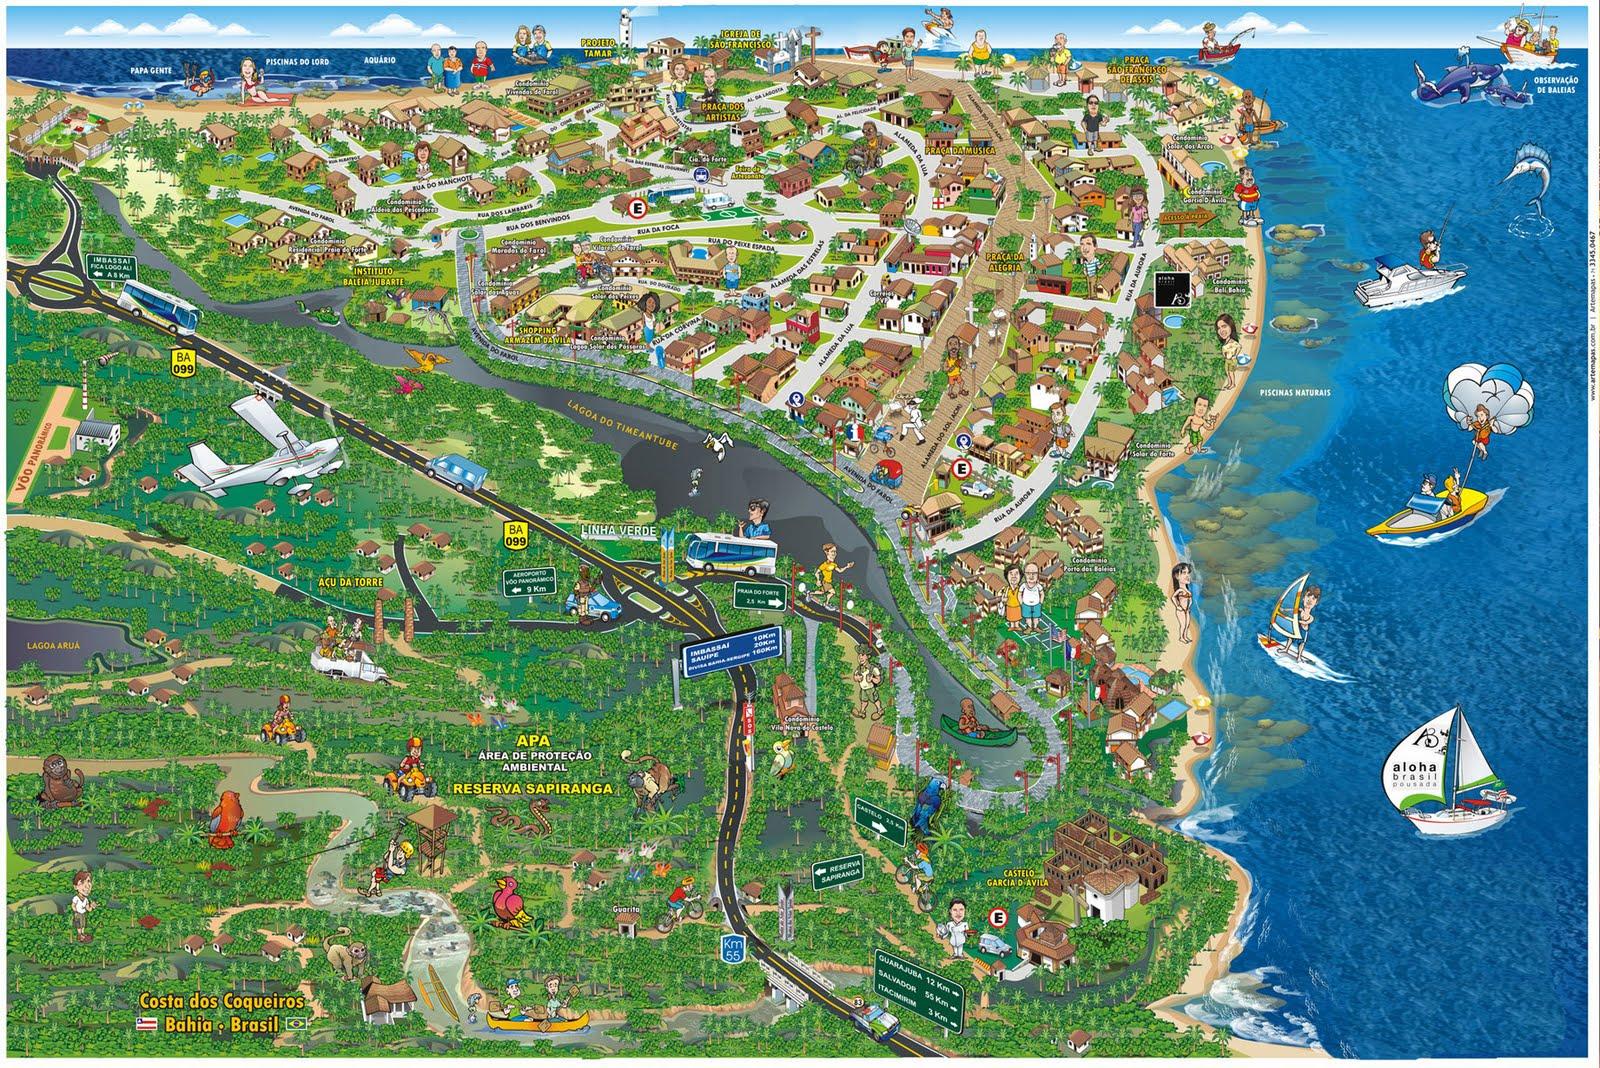 Viajar Sozinha para a Praia do Forte Mapa Cidade